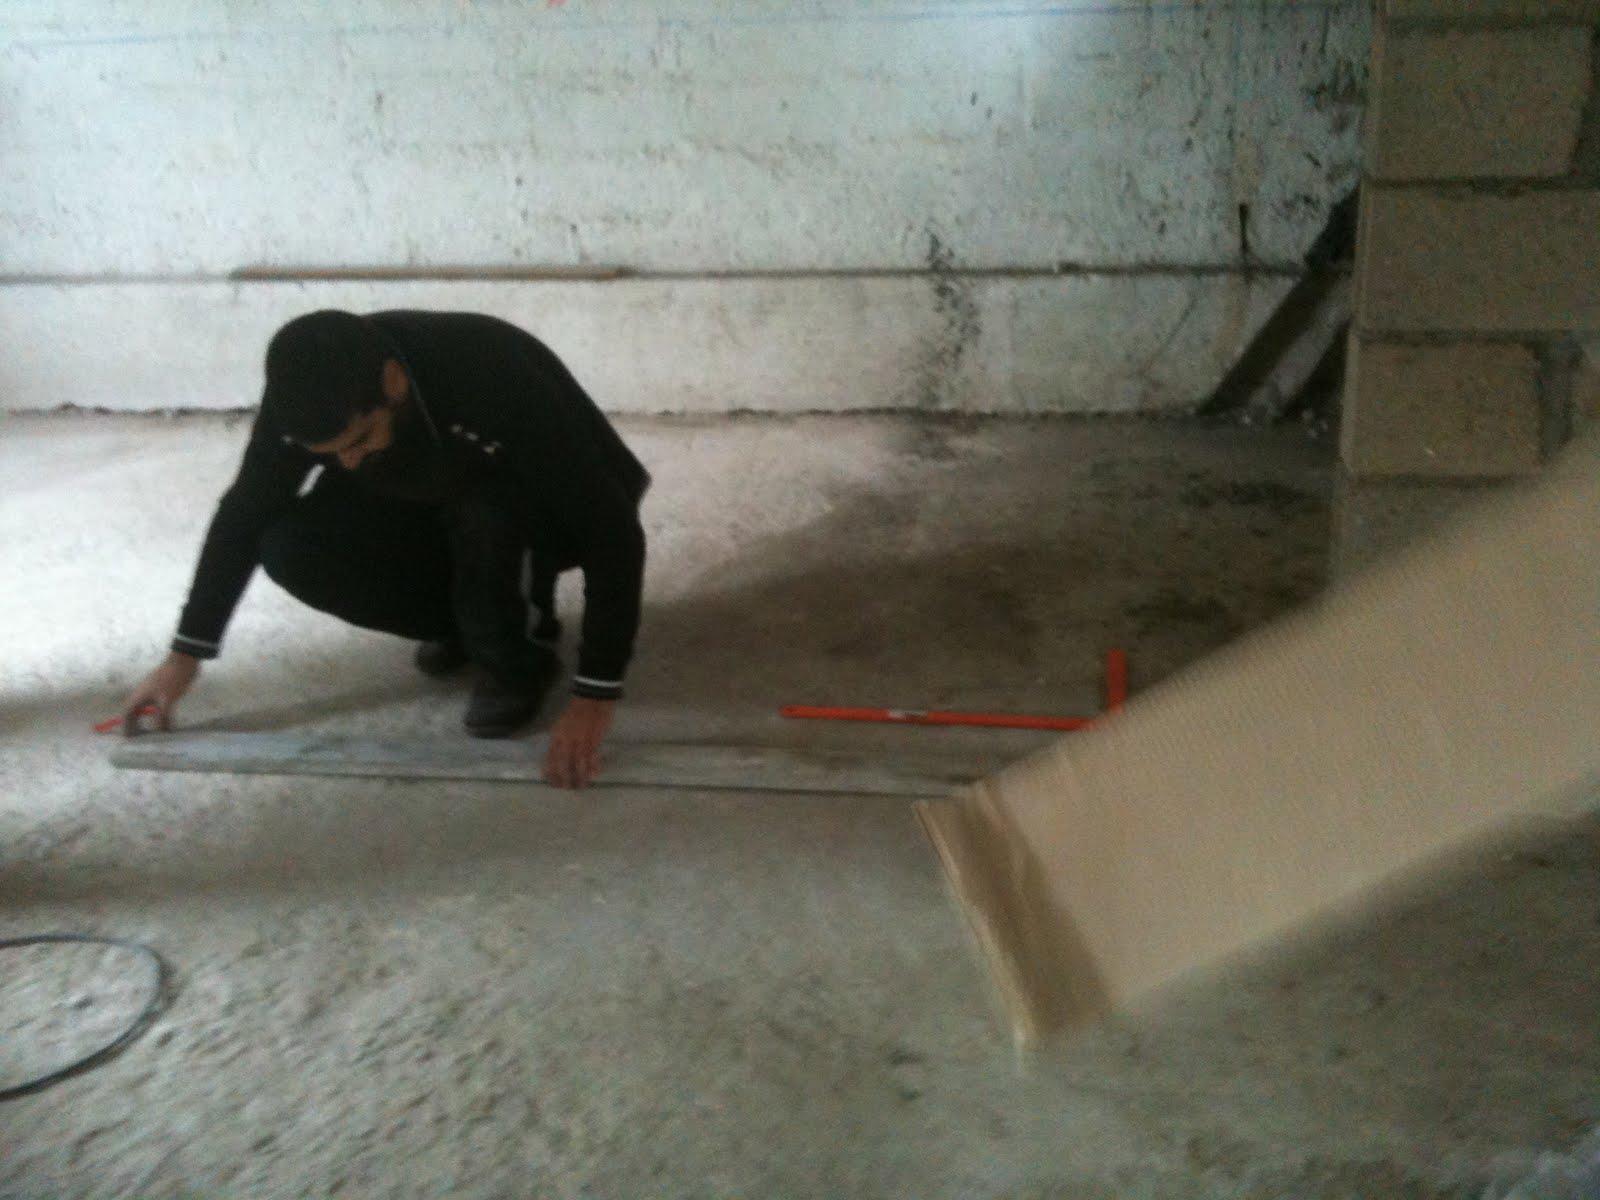 Renovation maison villa des fleurs monter une cloison en carreaux de pl tre - Comment monter une cloison en carreau de platre ...